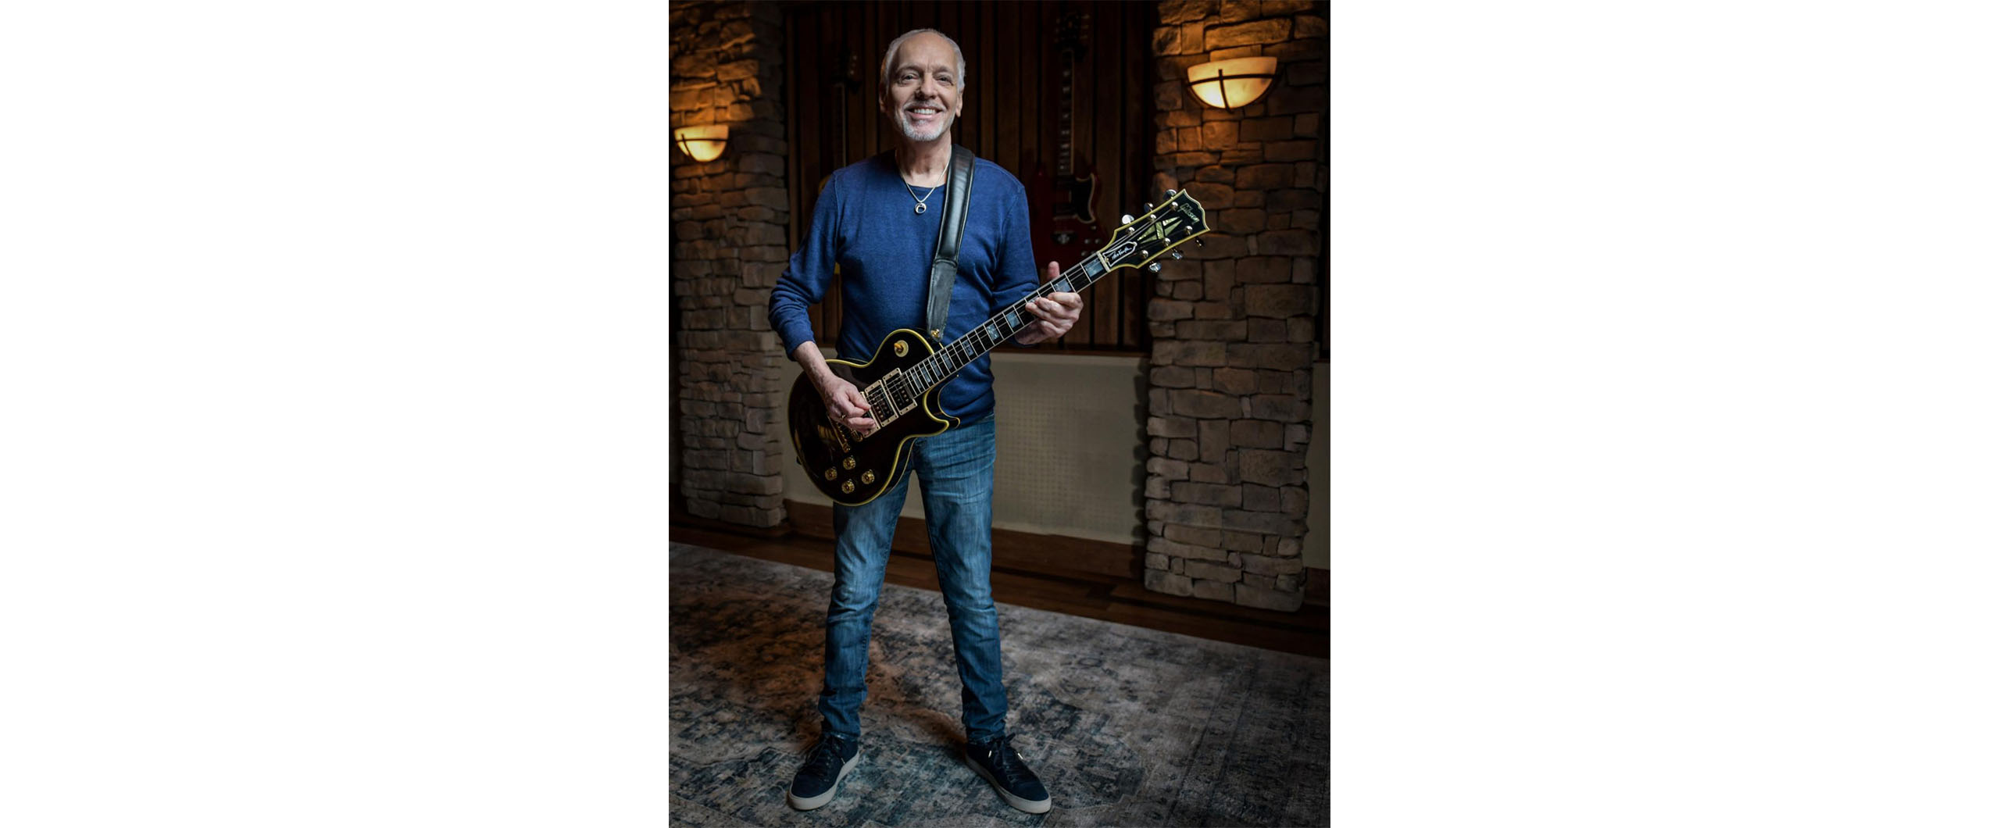 """ピーター・フランプトンの伝説的なギター""""フェニックス""""をギブソンが再現"""